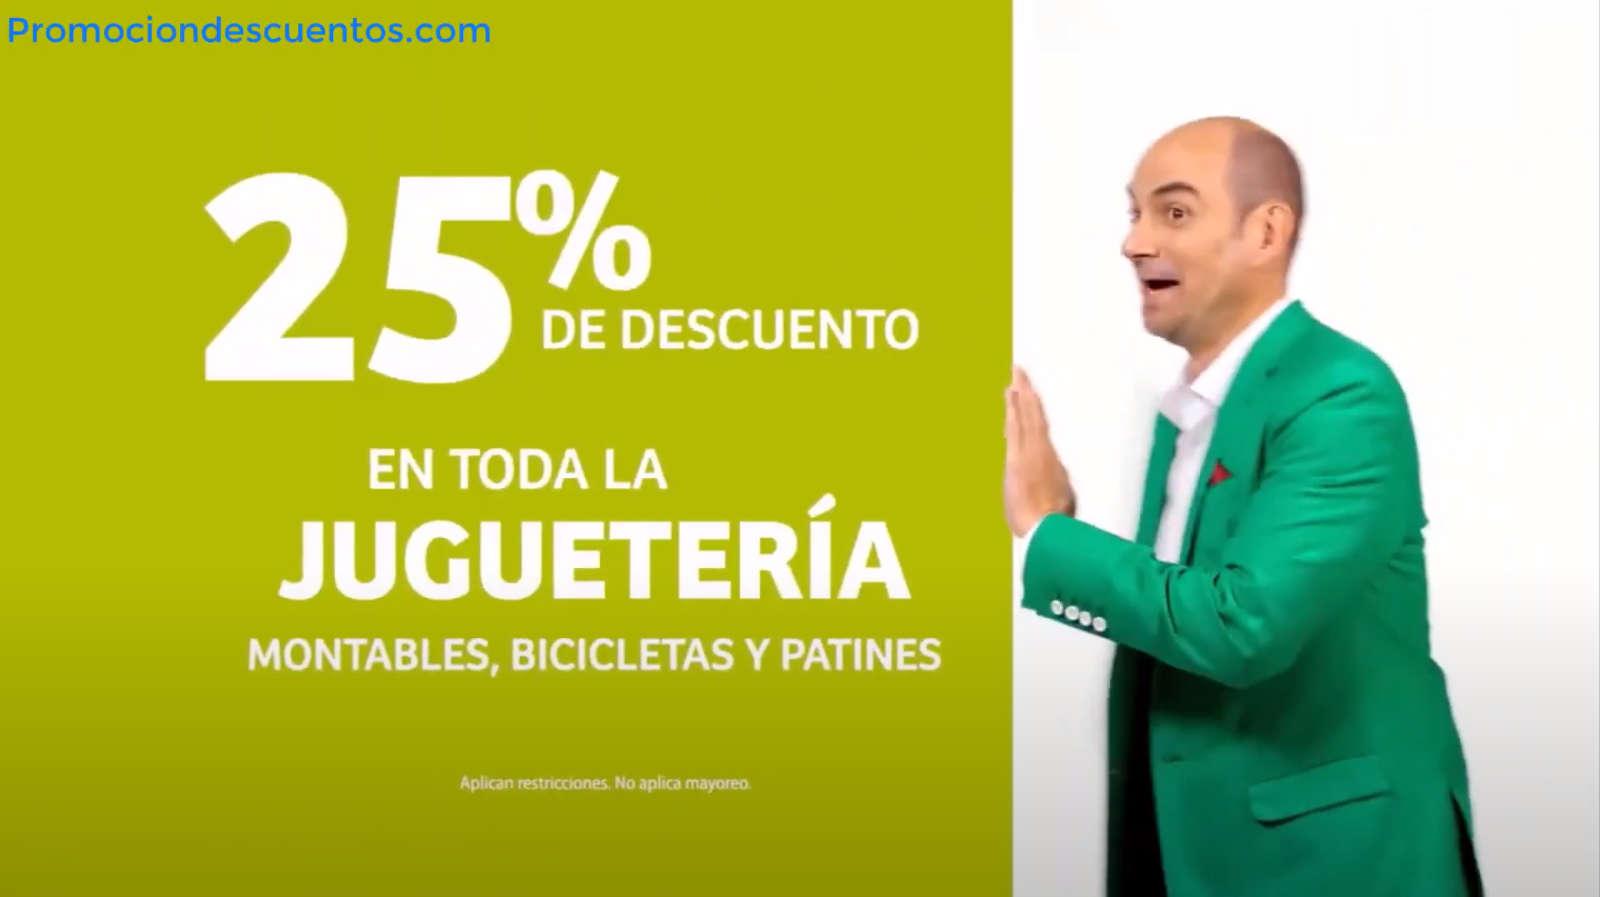 Soriana Julio Regalado 2020: 25% de descuento en juguetería y bicicletas